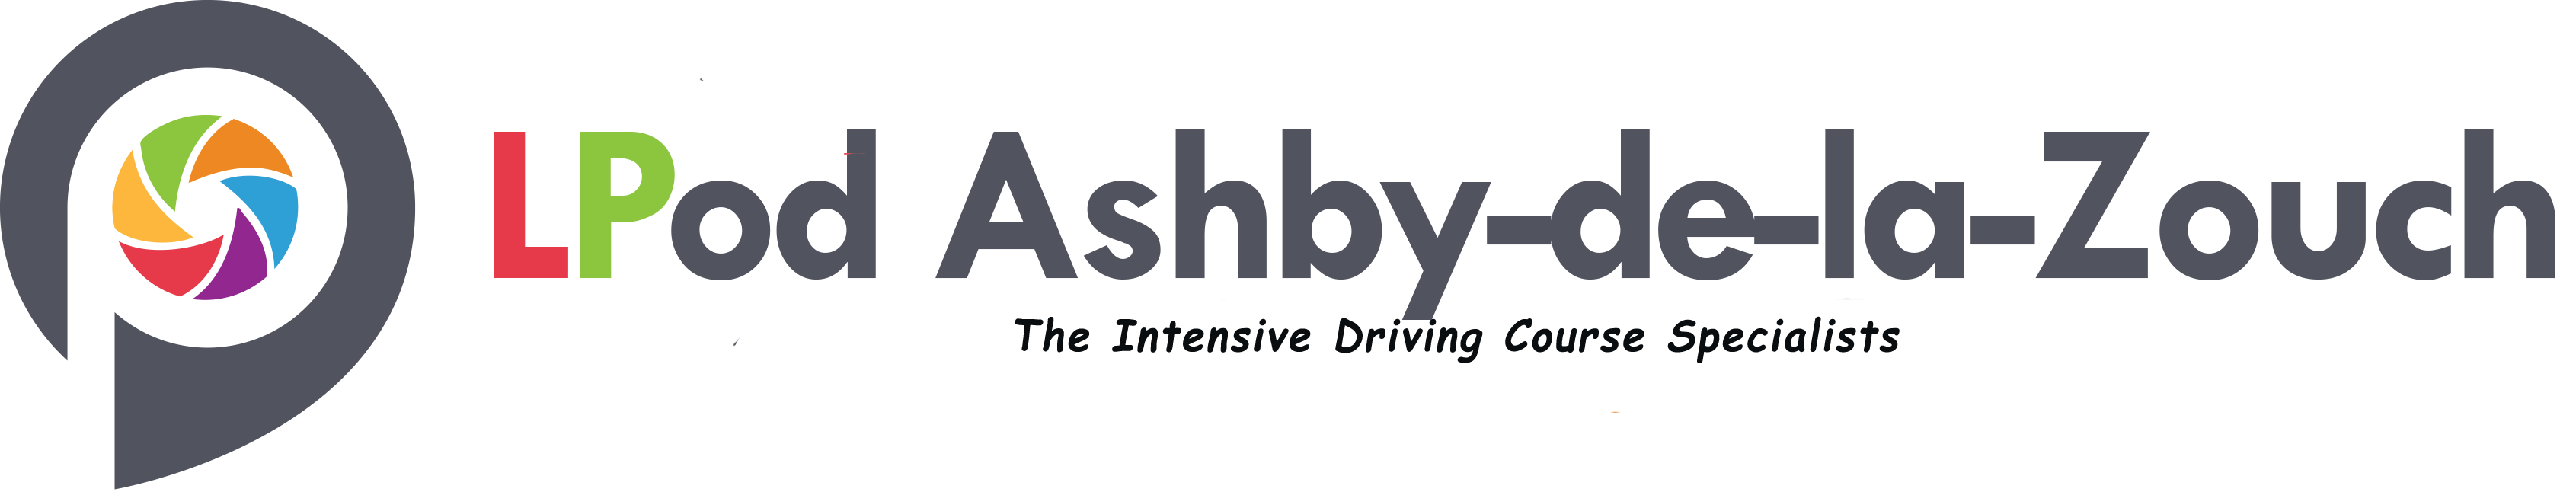 intensive driving courses Ashby-de-la-Zouch